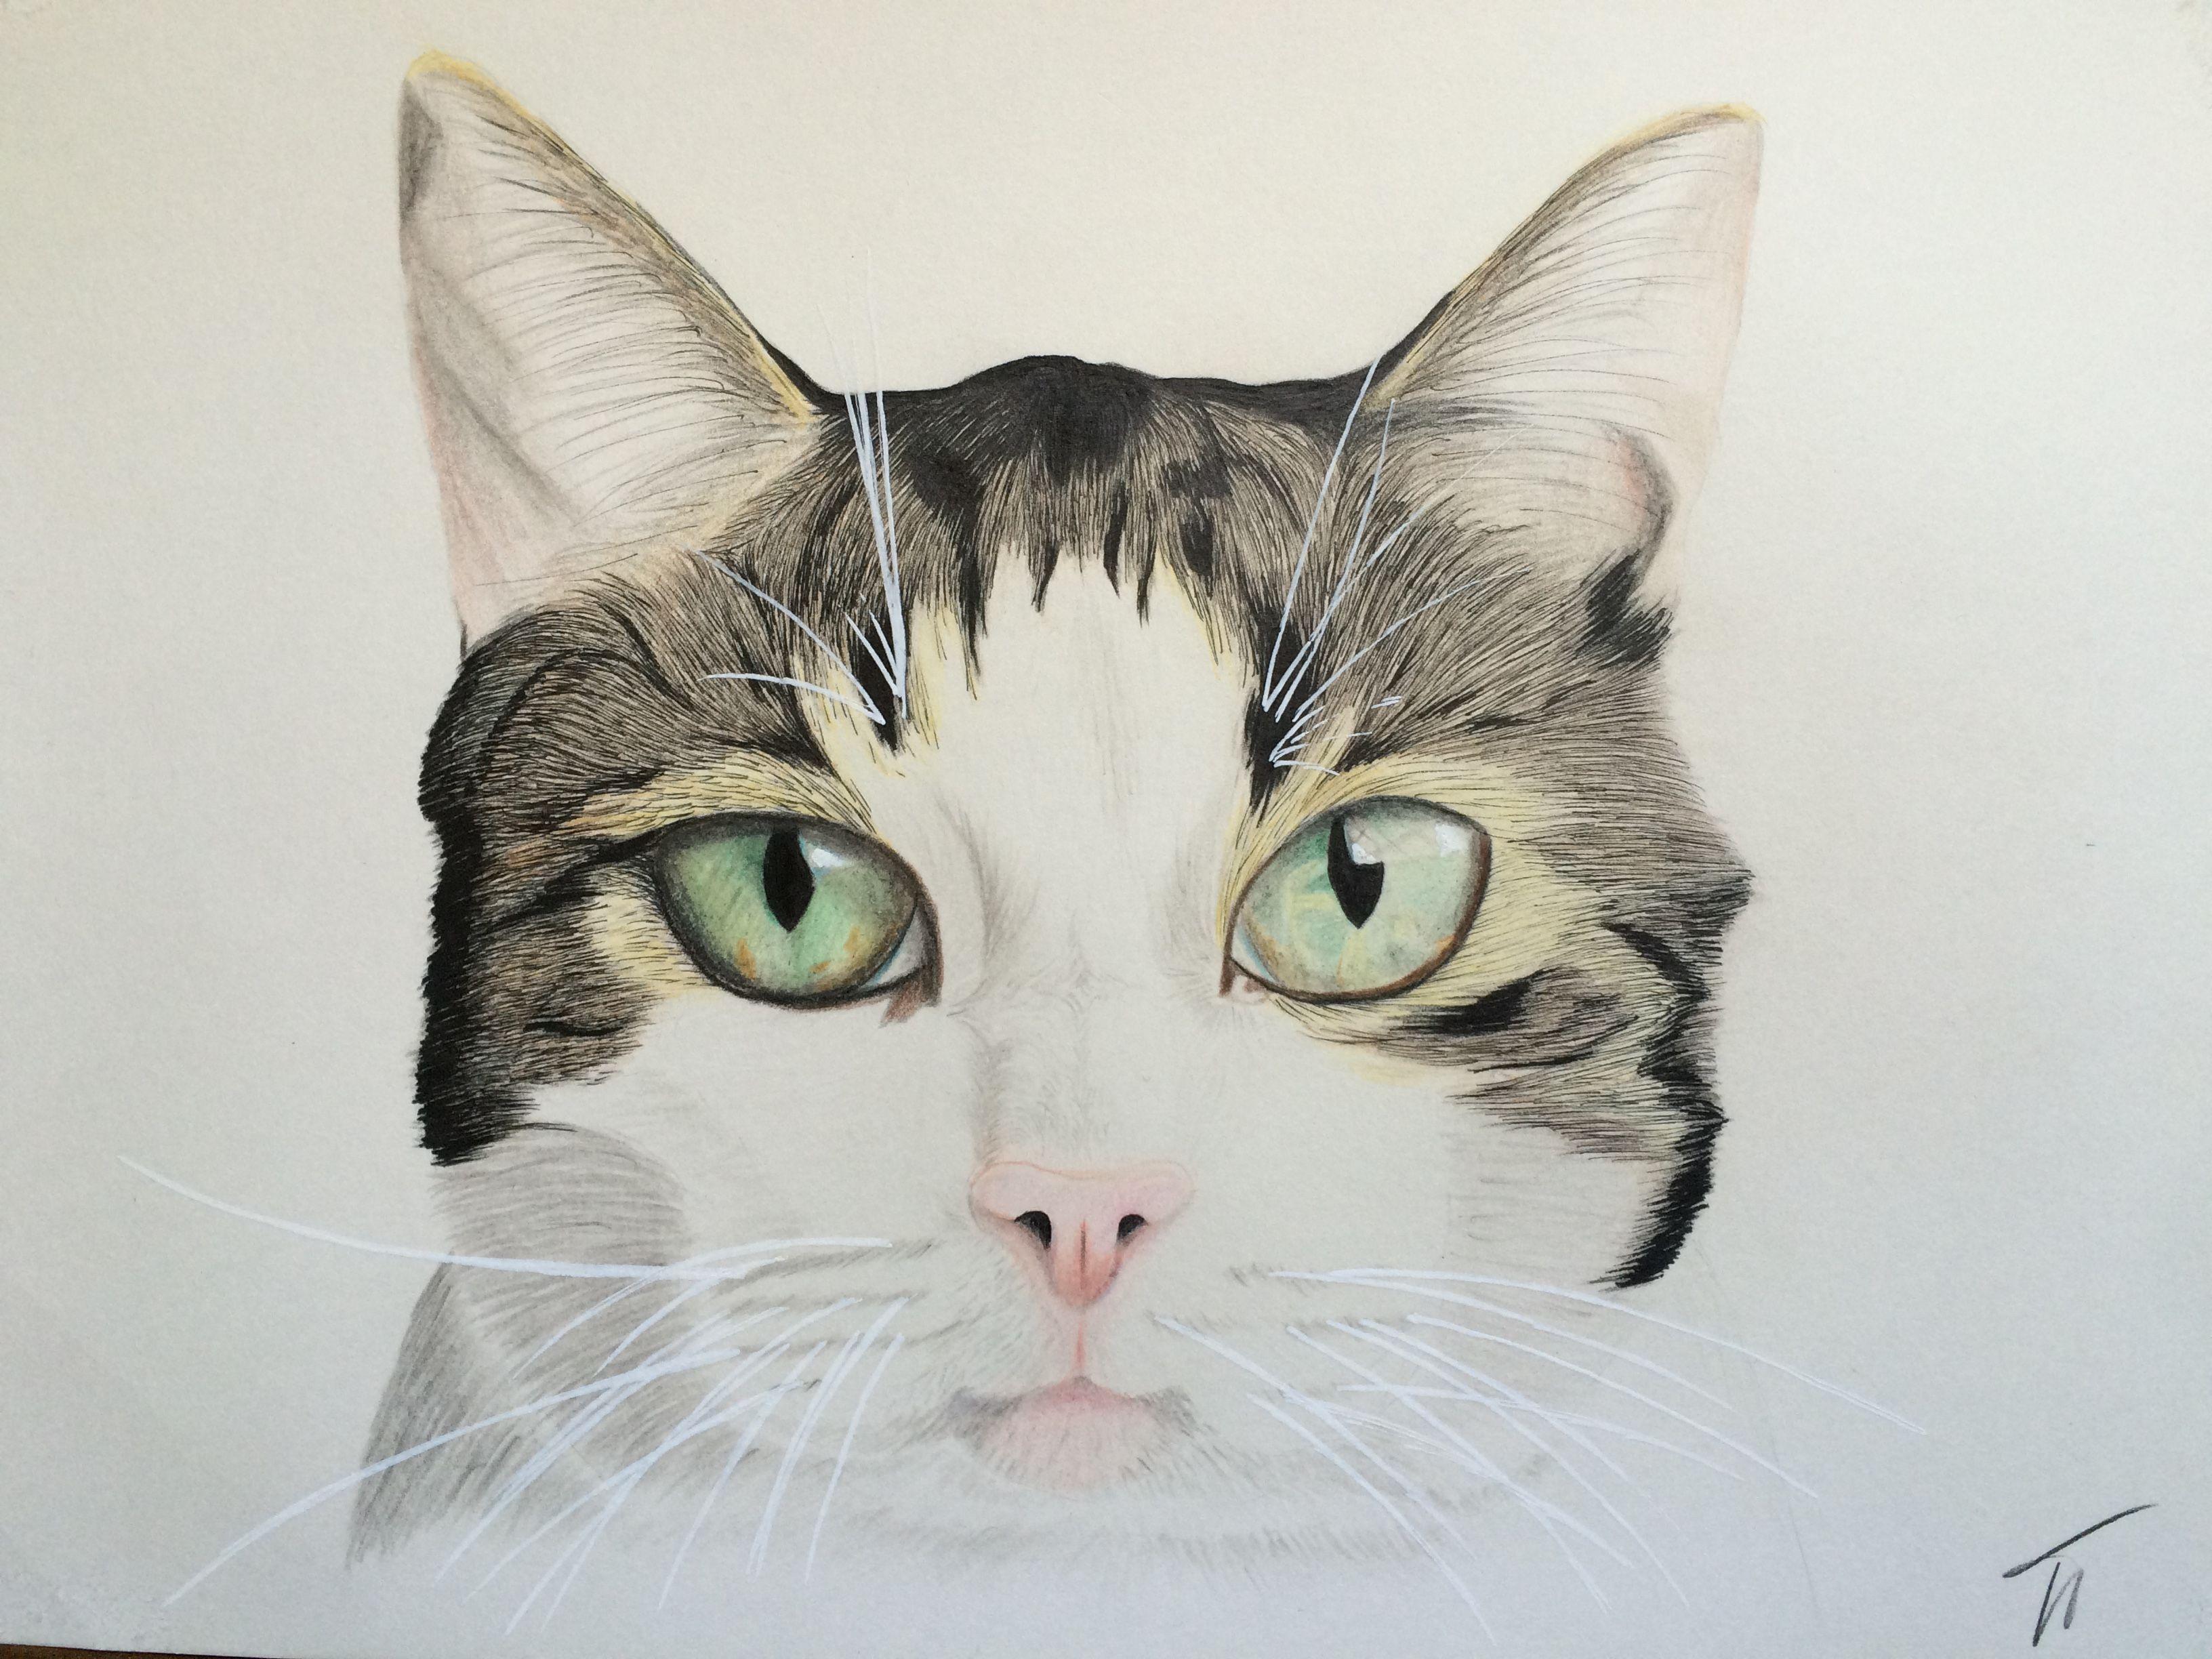 cat catface catportrait pet petportrait petface portrait